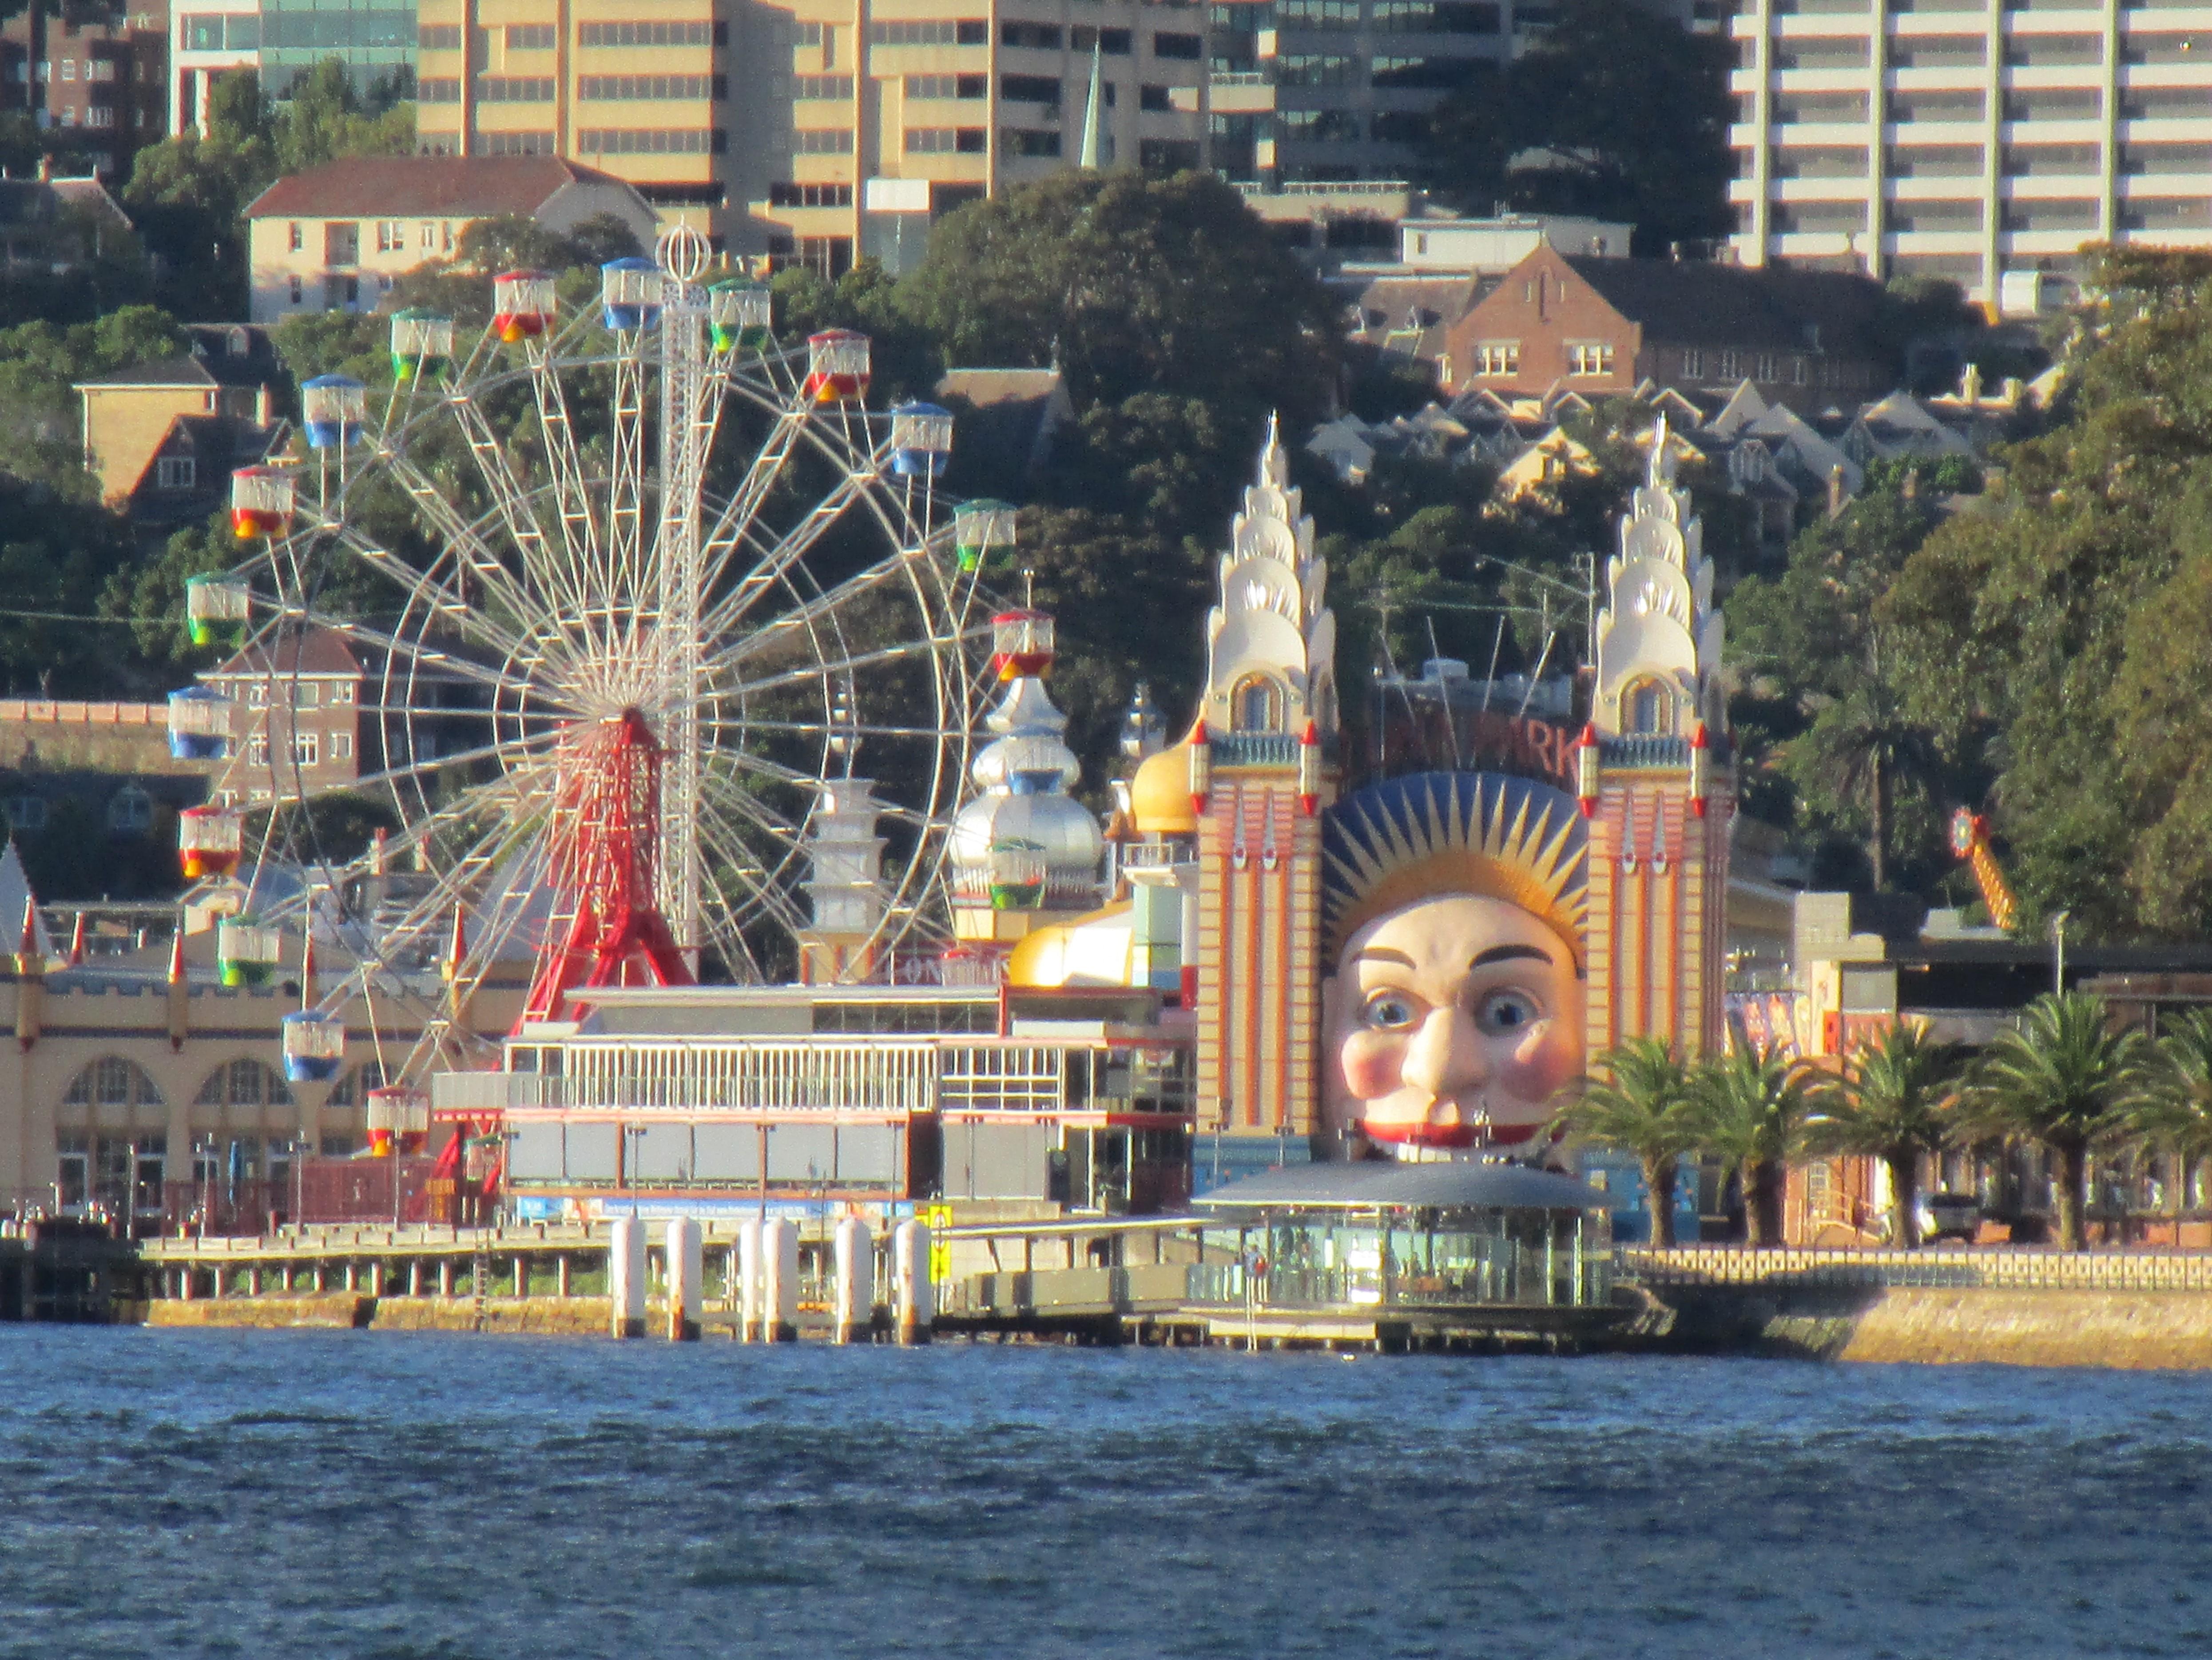 Sydney theme park